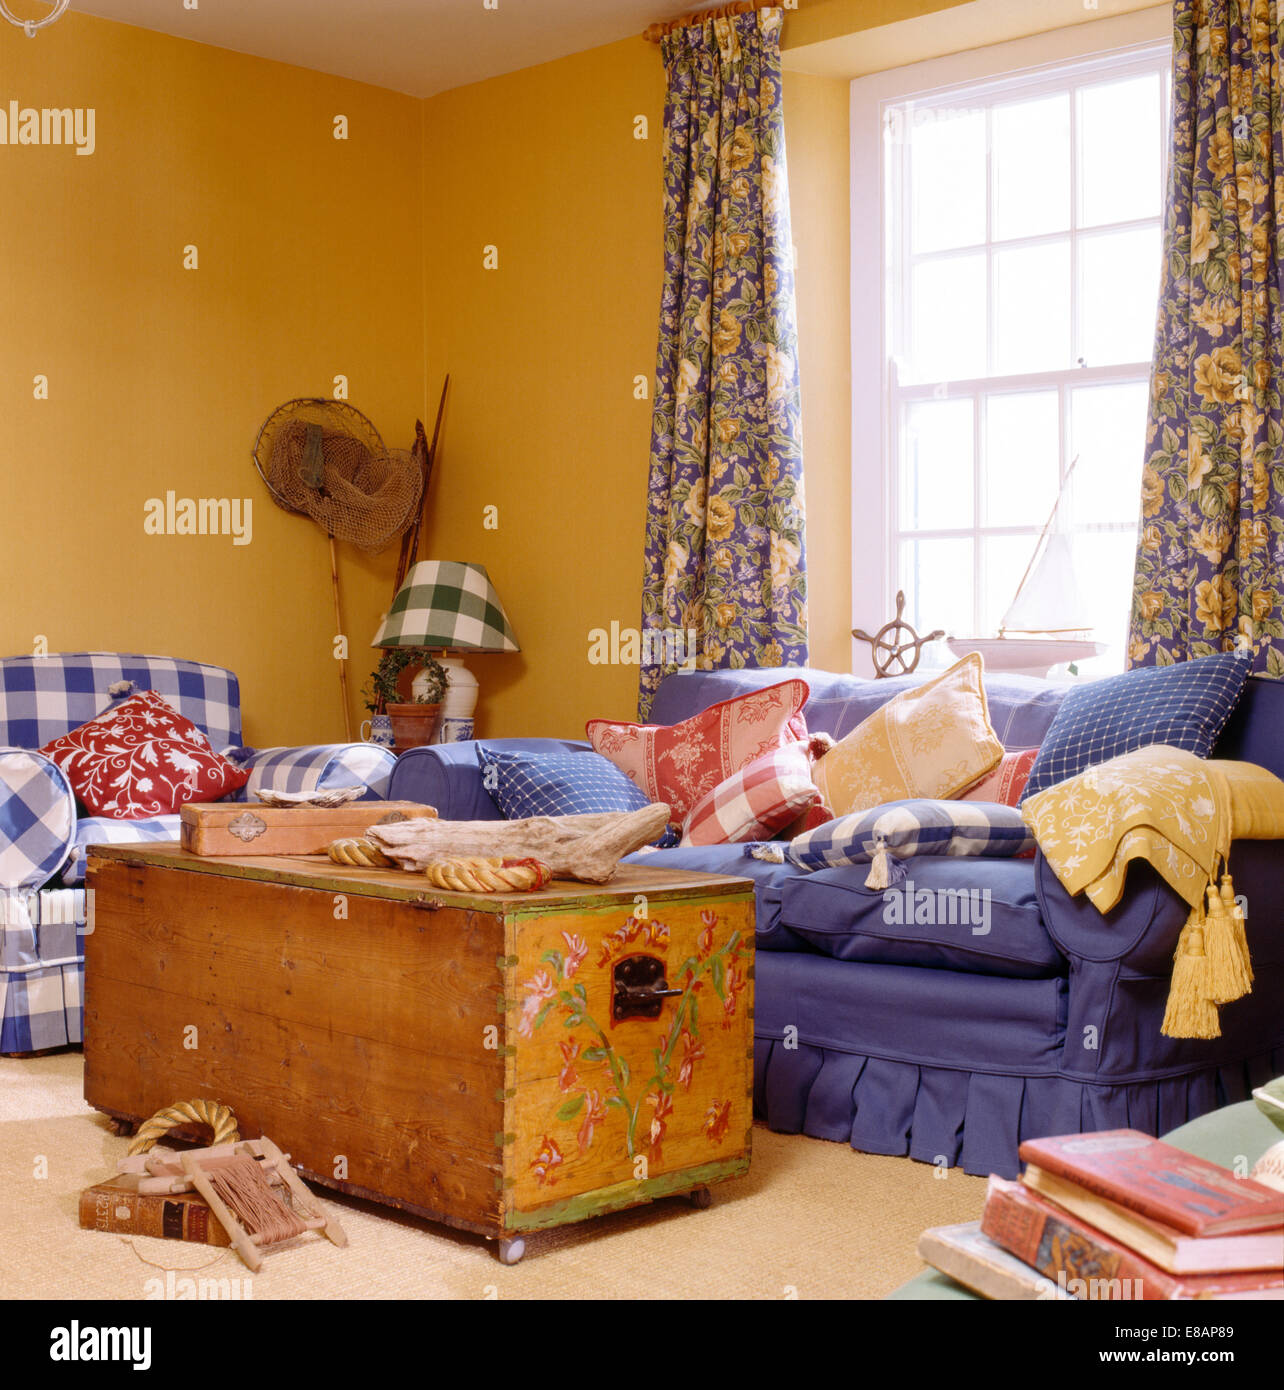 Brust Und Blauen Sofa In Gelb Küsten Wohnzimmer Mit Blau Gelb